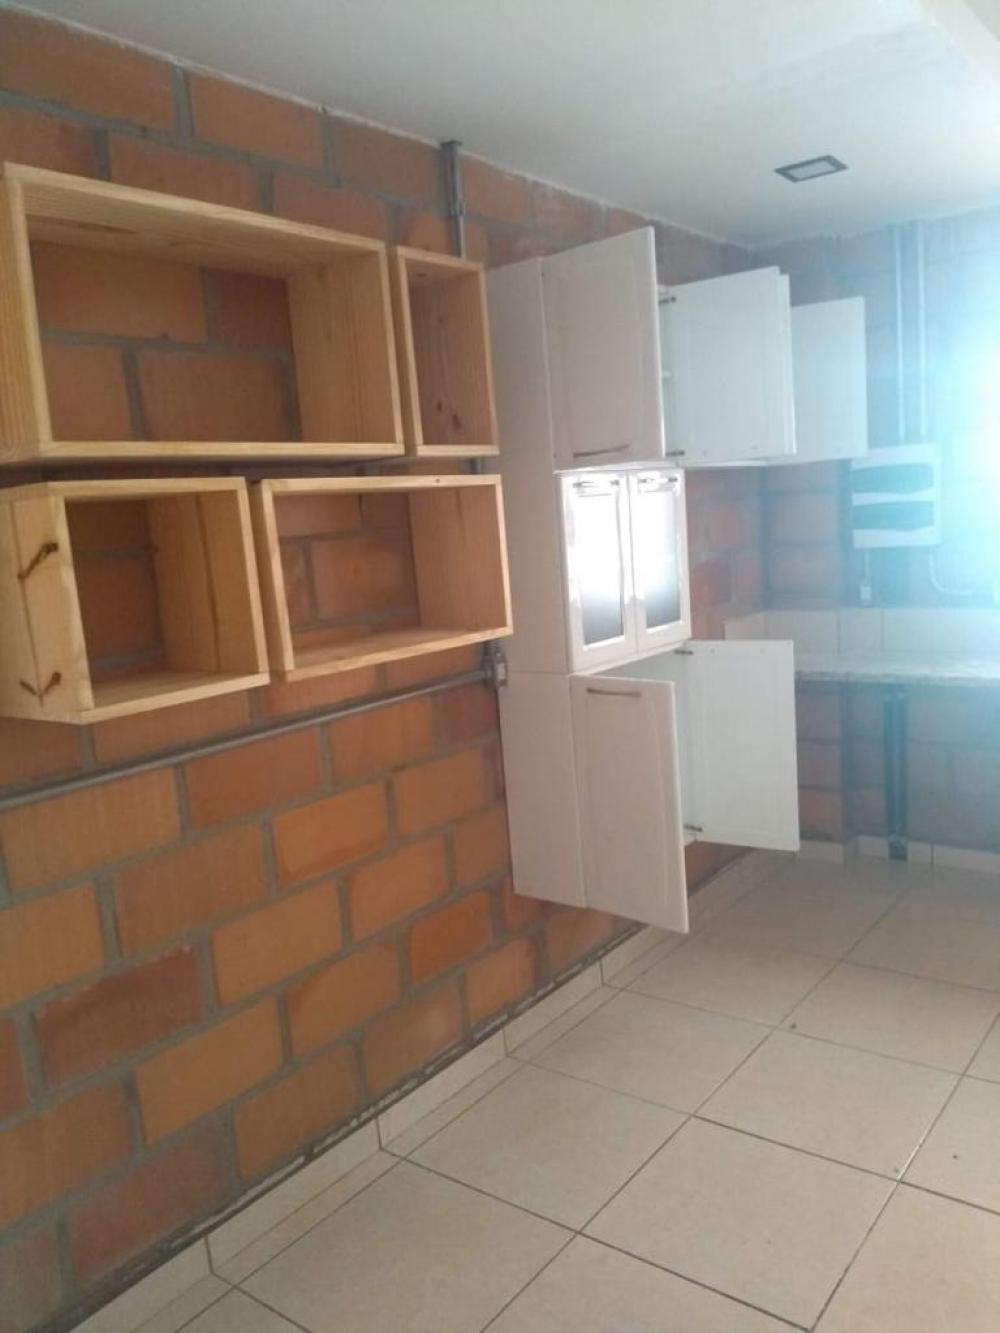 Comprar Casa / Sobrado em Bonfim Paulista R$ 355.000,00 - Foto 5